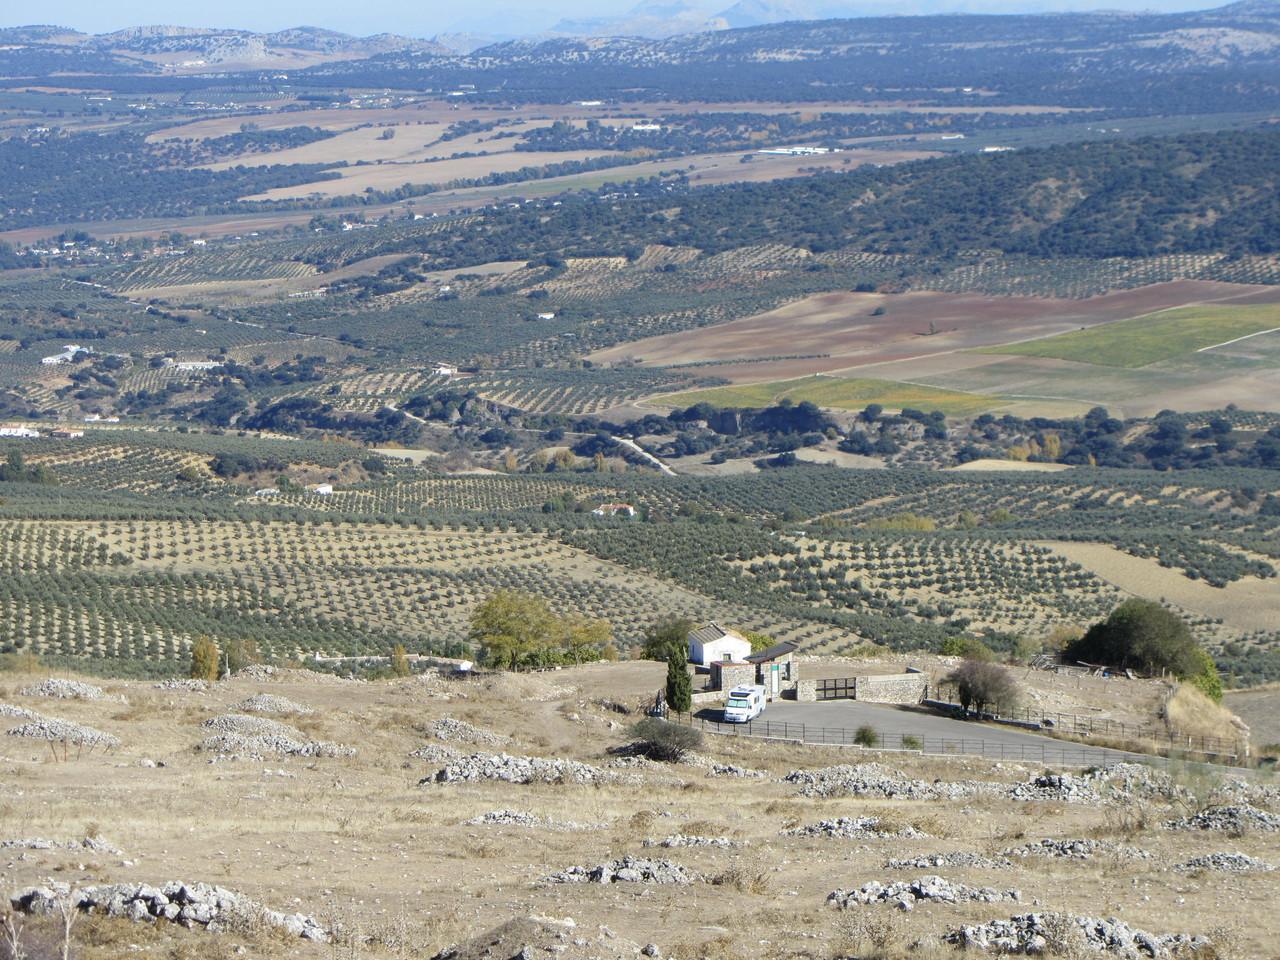 Oliven und Berge